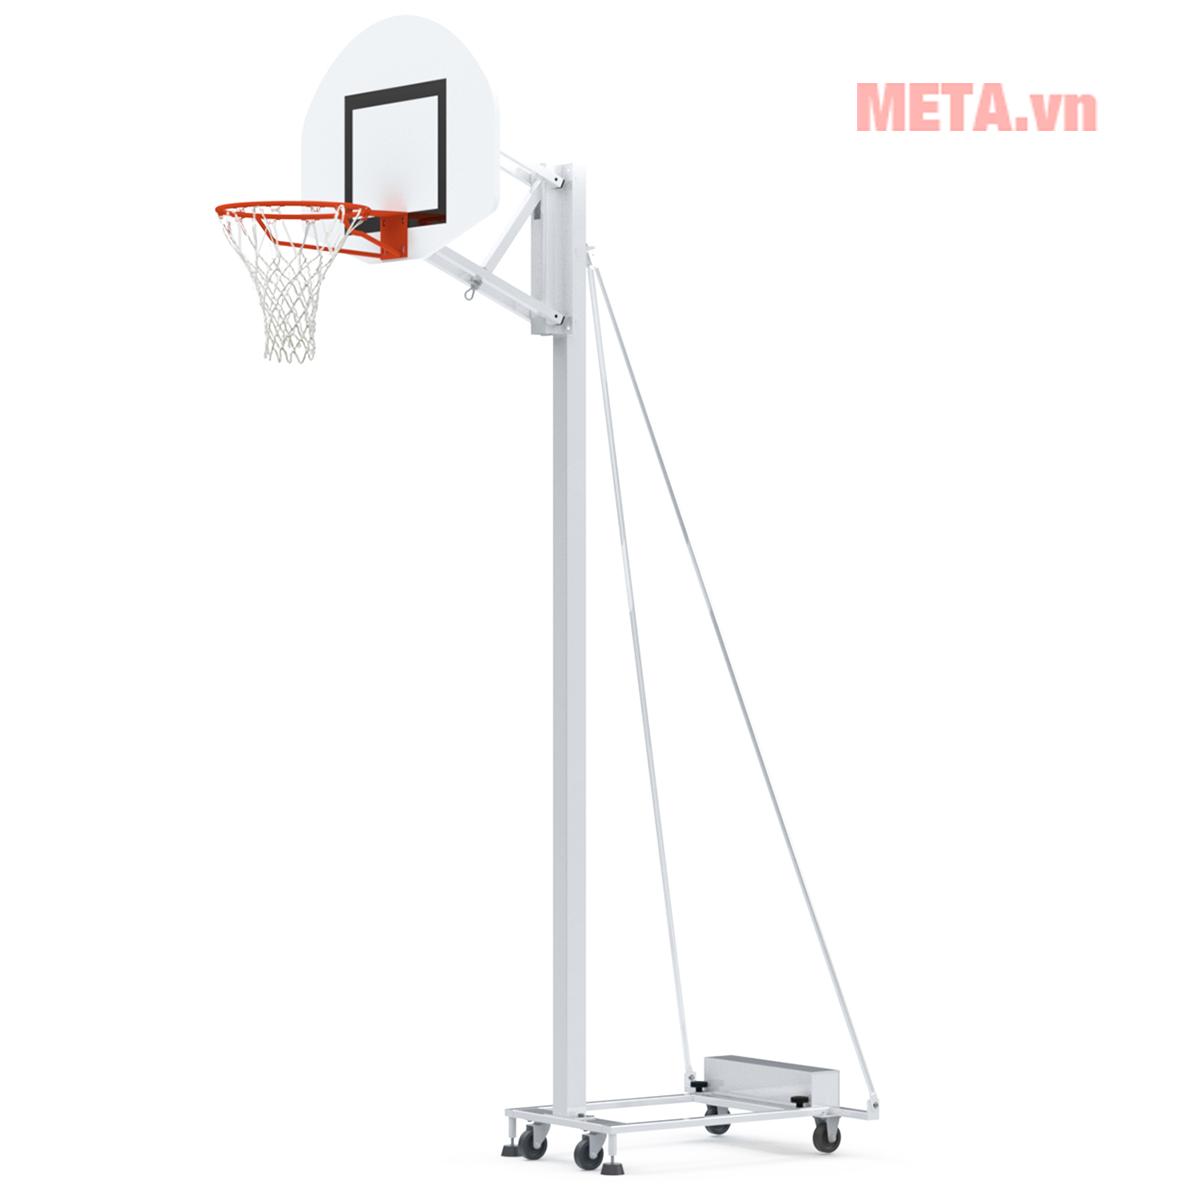 Hình ảnh trụ bóng rổ di động dùng cho trường học hoặc câu lạc bộ